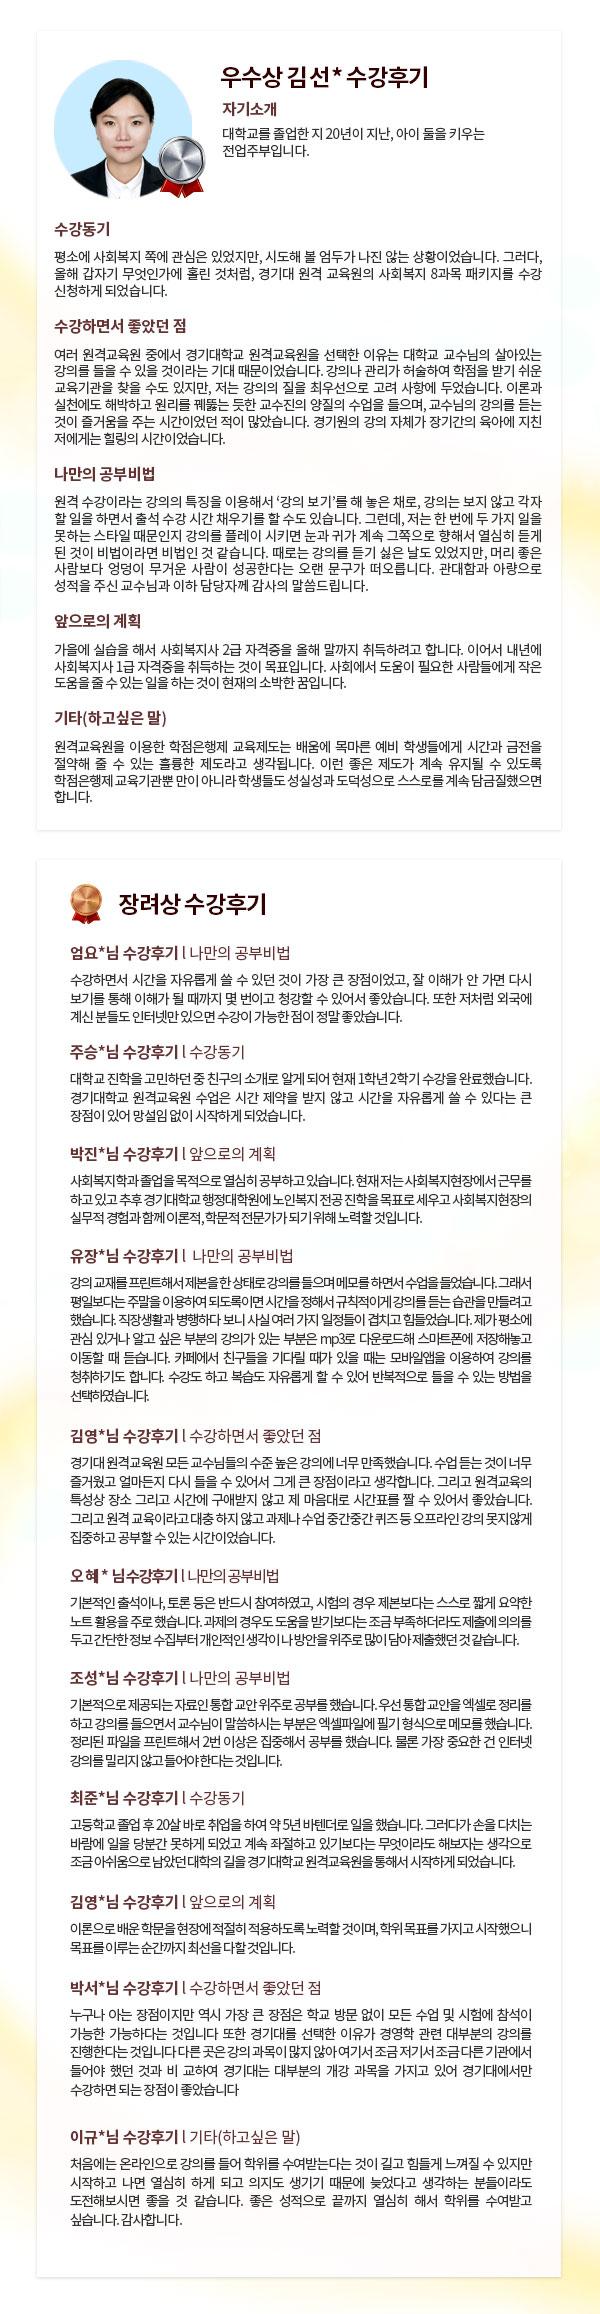 김선*님 수강후기